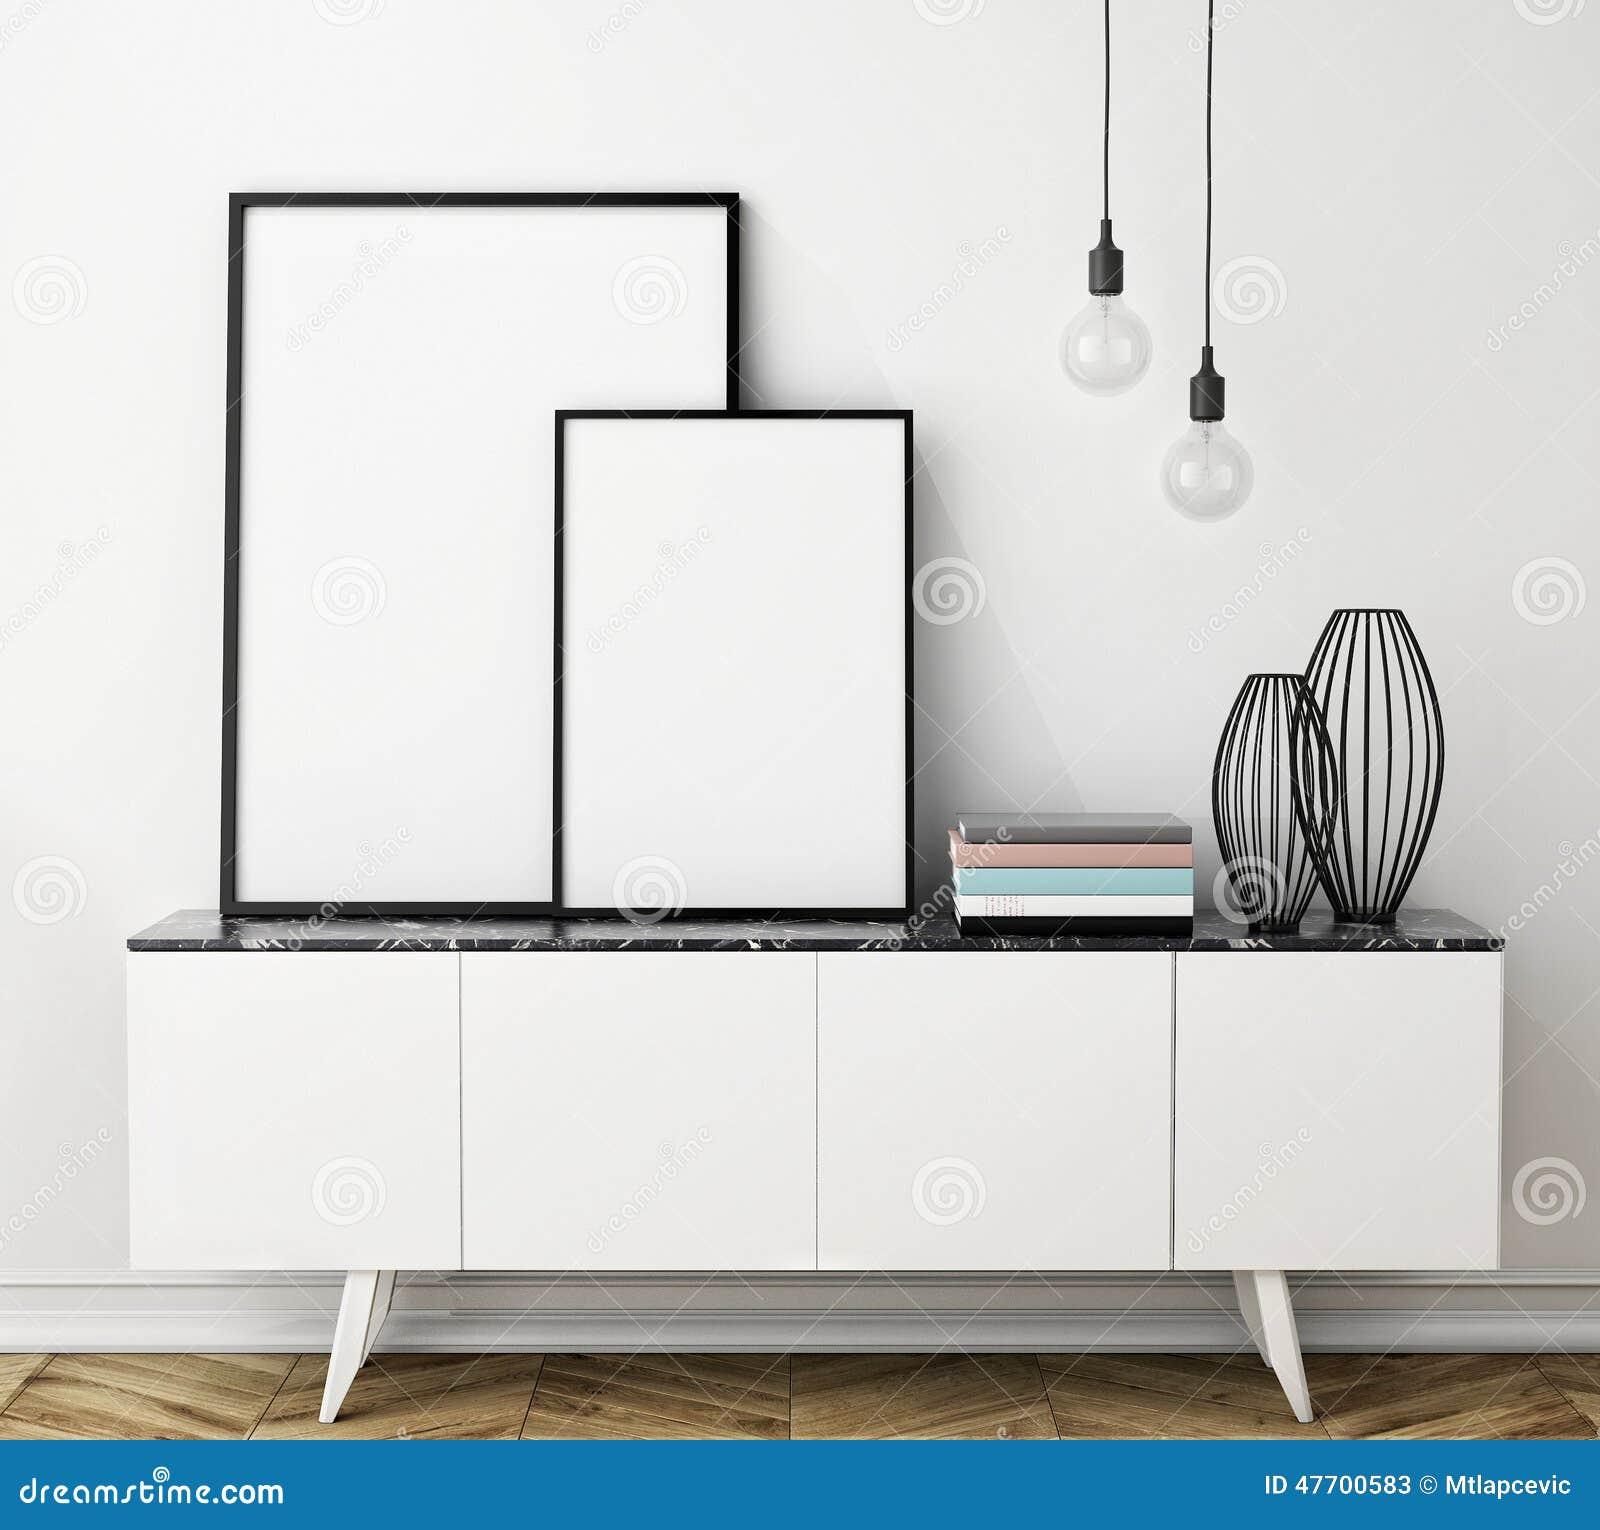 Imite encima de marco del cartel en el pecho de cajones, interior